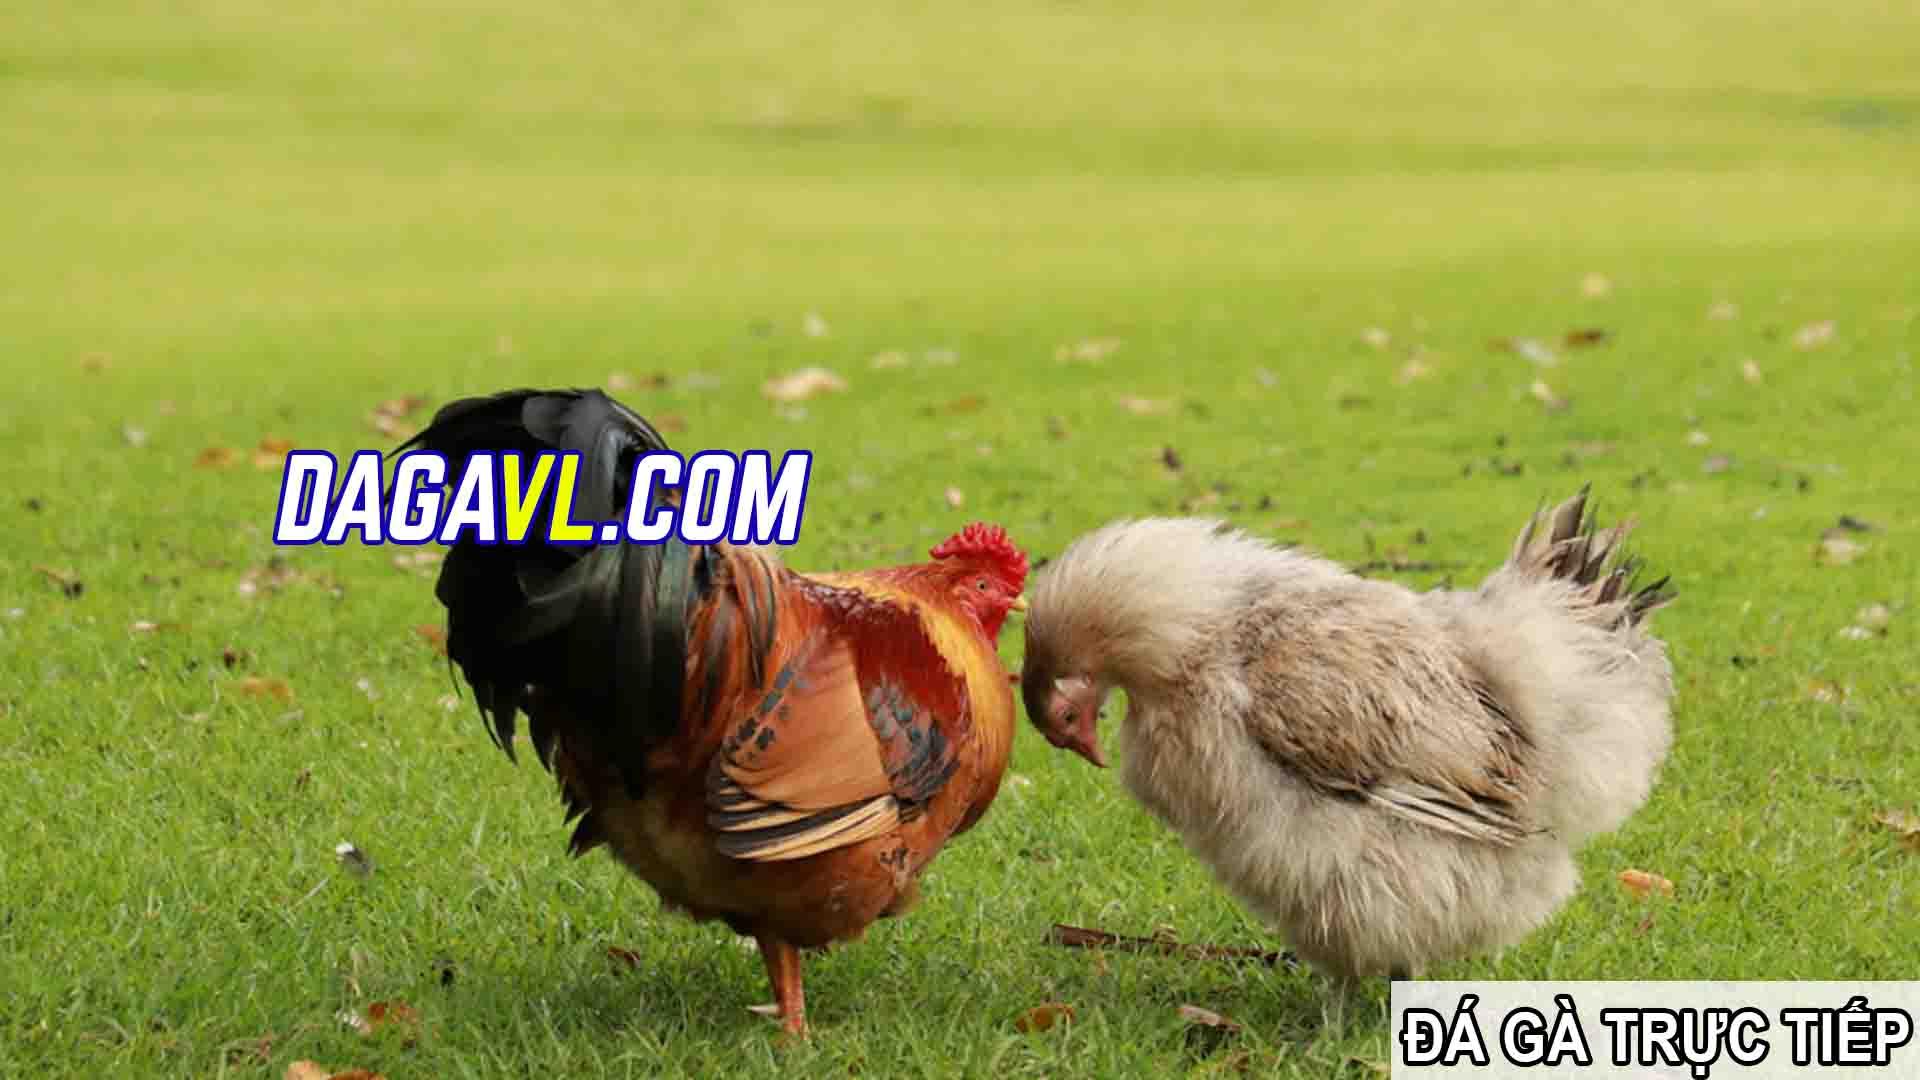 DAGAVL.COM - đá gà trực tiếp. Tác hại của việc nhổ lông gà đá(PHẦN 1)